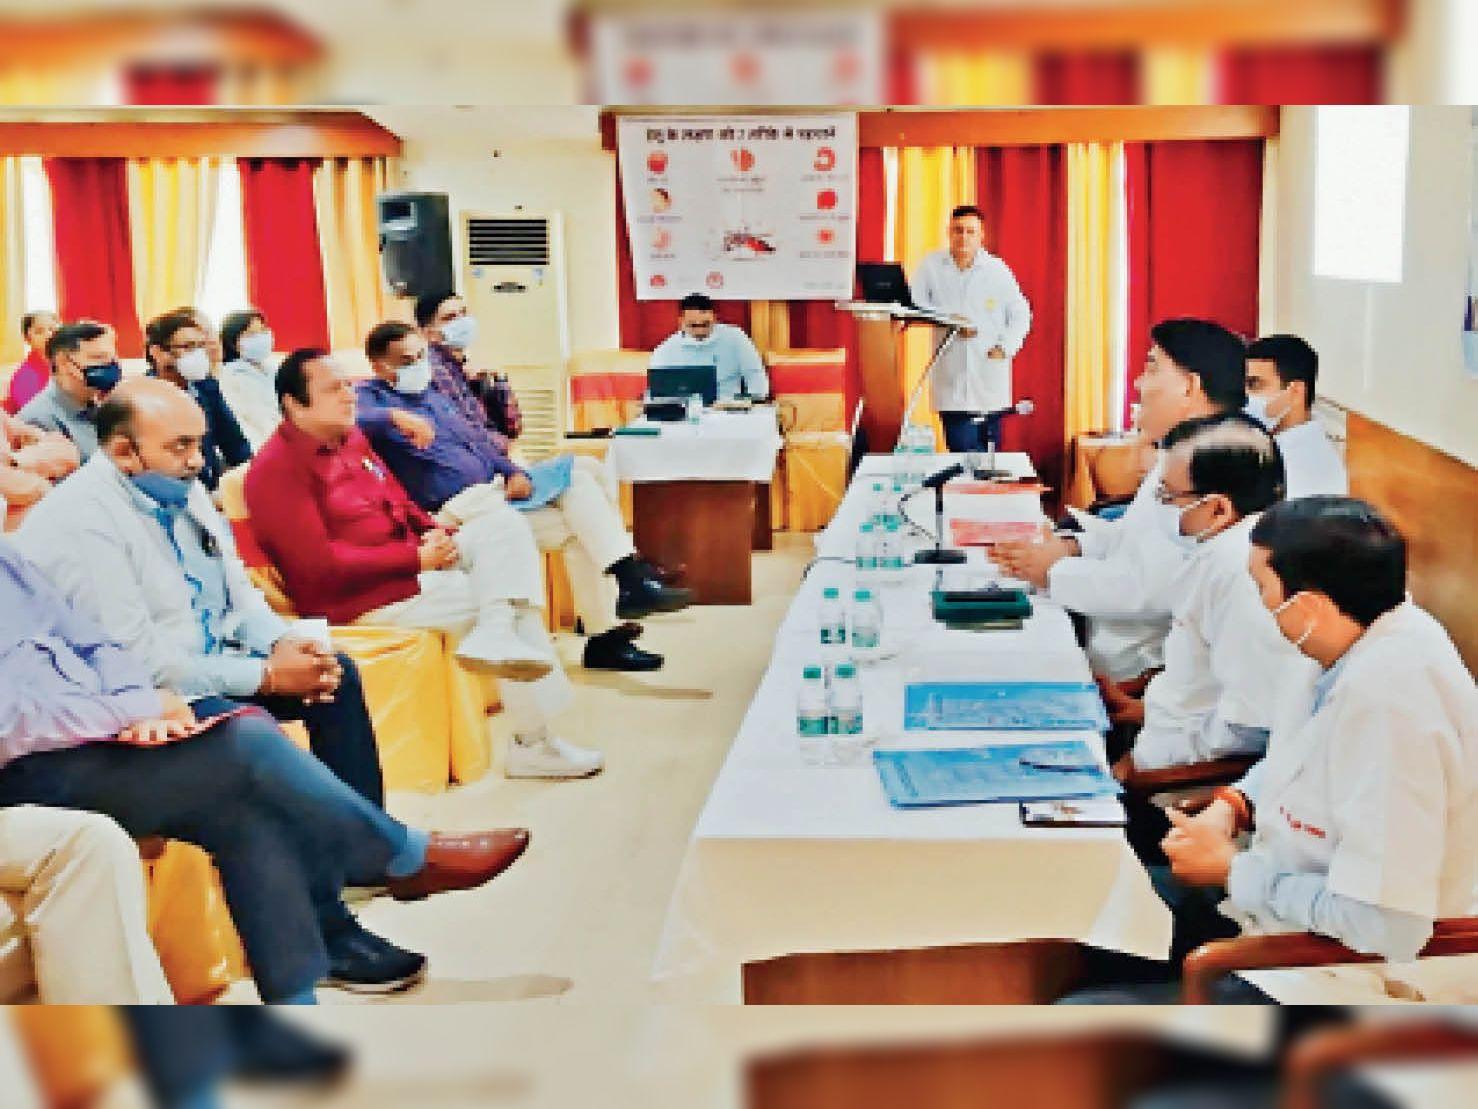 प्राइवेट डॉक्टर्स की बैठक में सीएमओ बोले- बिना जरूरत न चढ़ाएं प्लेटलेट्स|अम्बाला,Ambala - Dainik Bhaskar